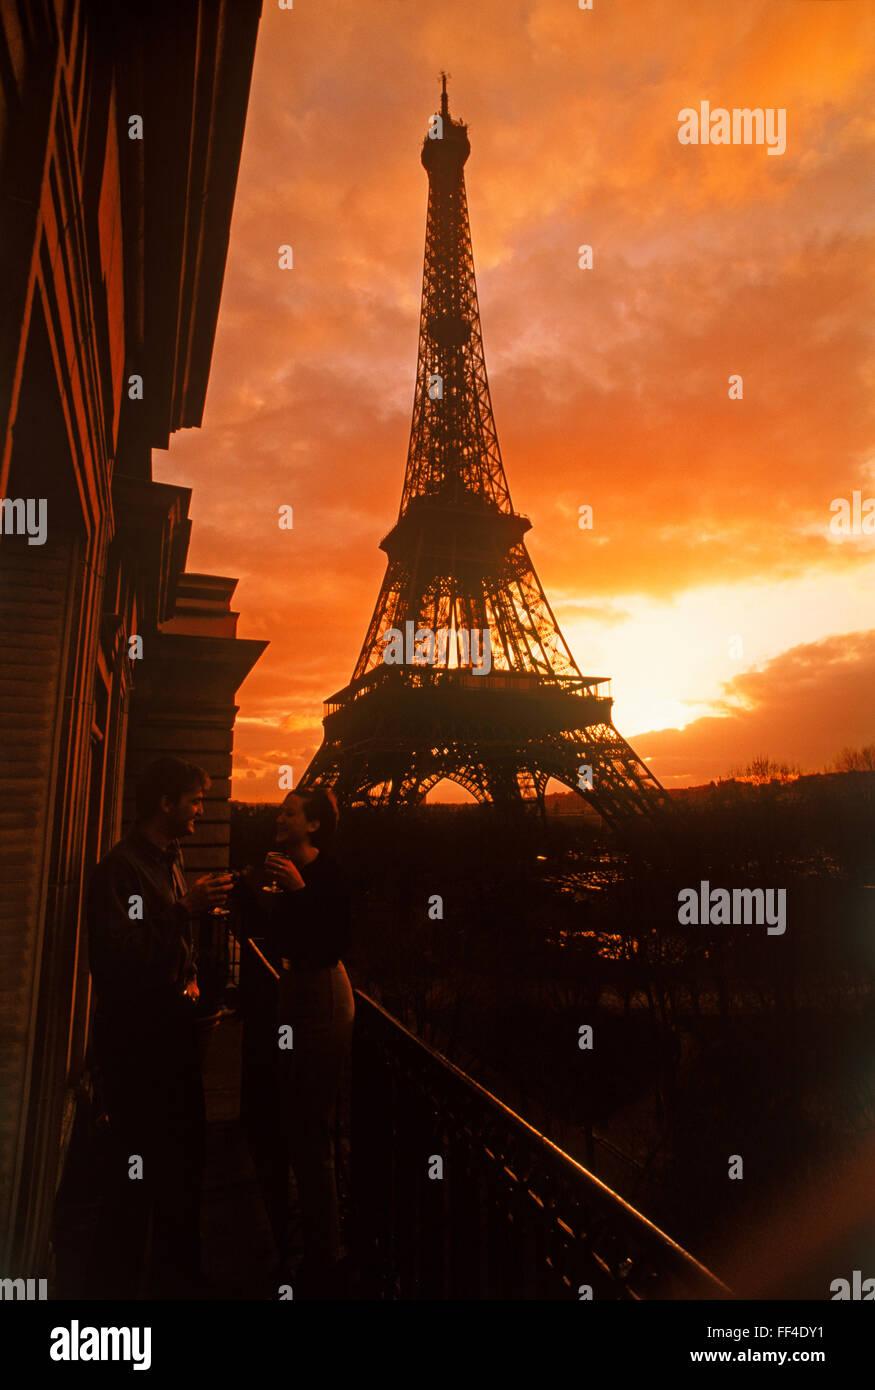 Paar auf Wohnung Balkon genießen Sonnenuntergang Getränk unter dramatischen Himmel nahe dem Eiffelturm Stockbild